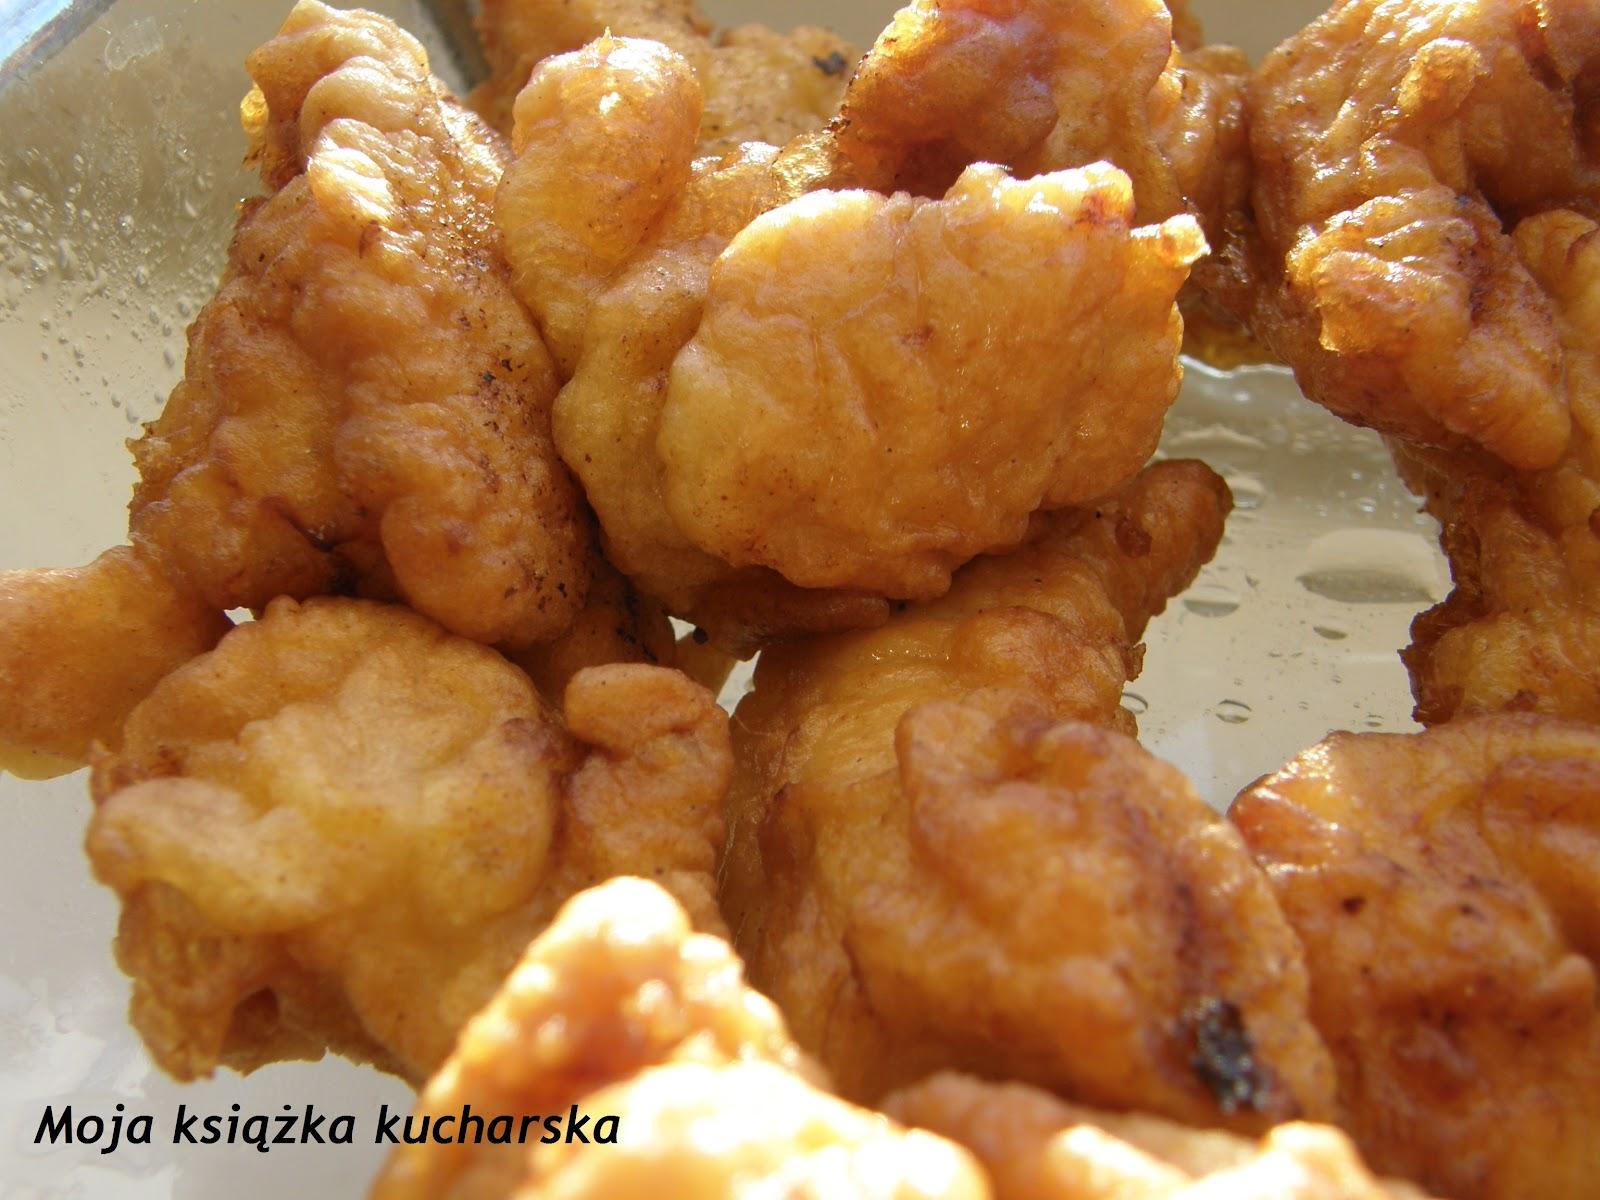 Курица в кляре: простые рецепты с фото пошагово